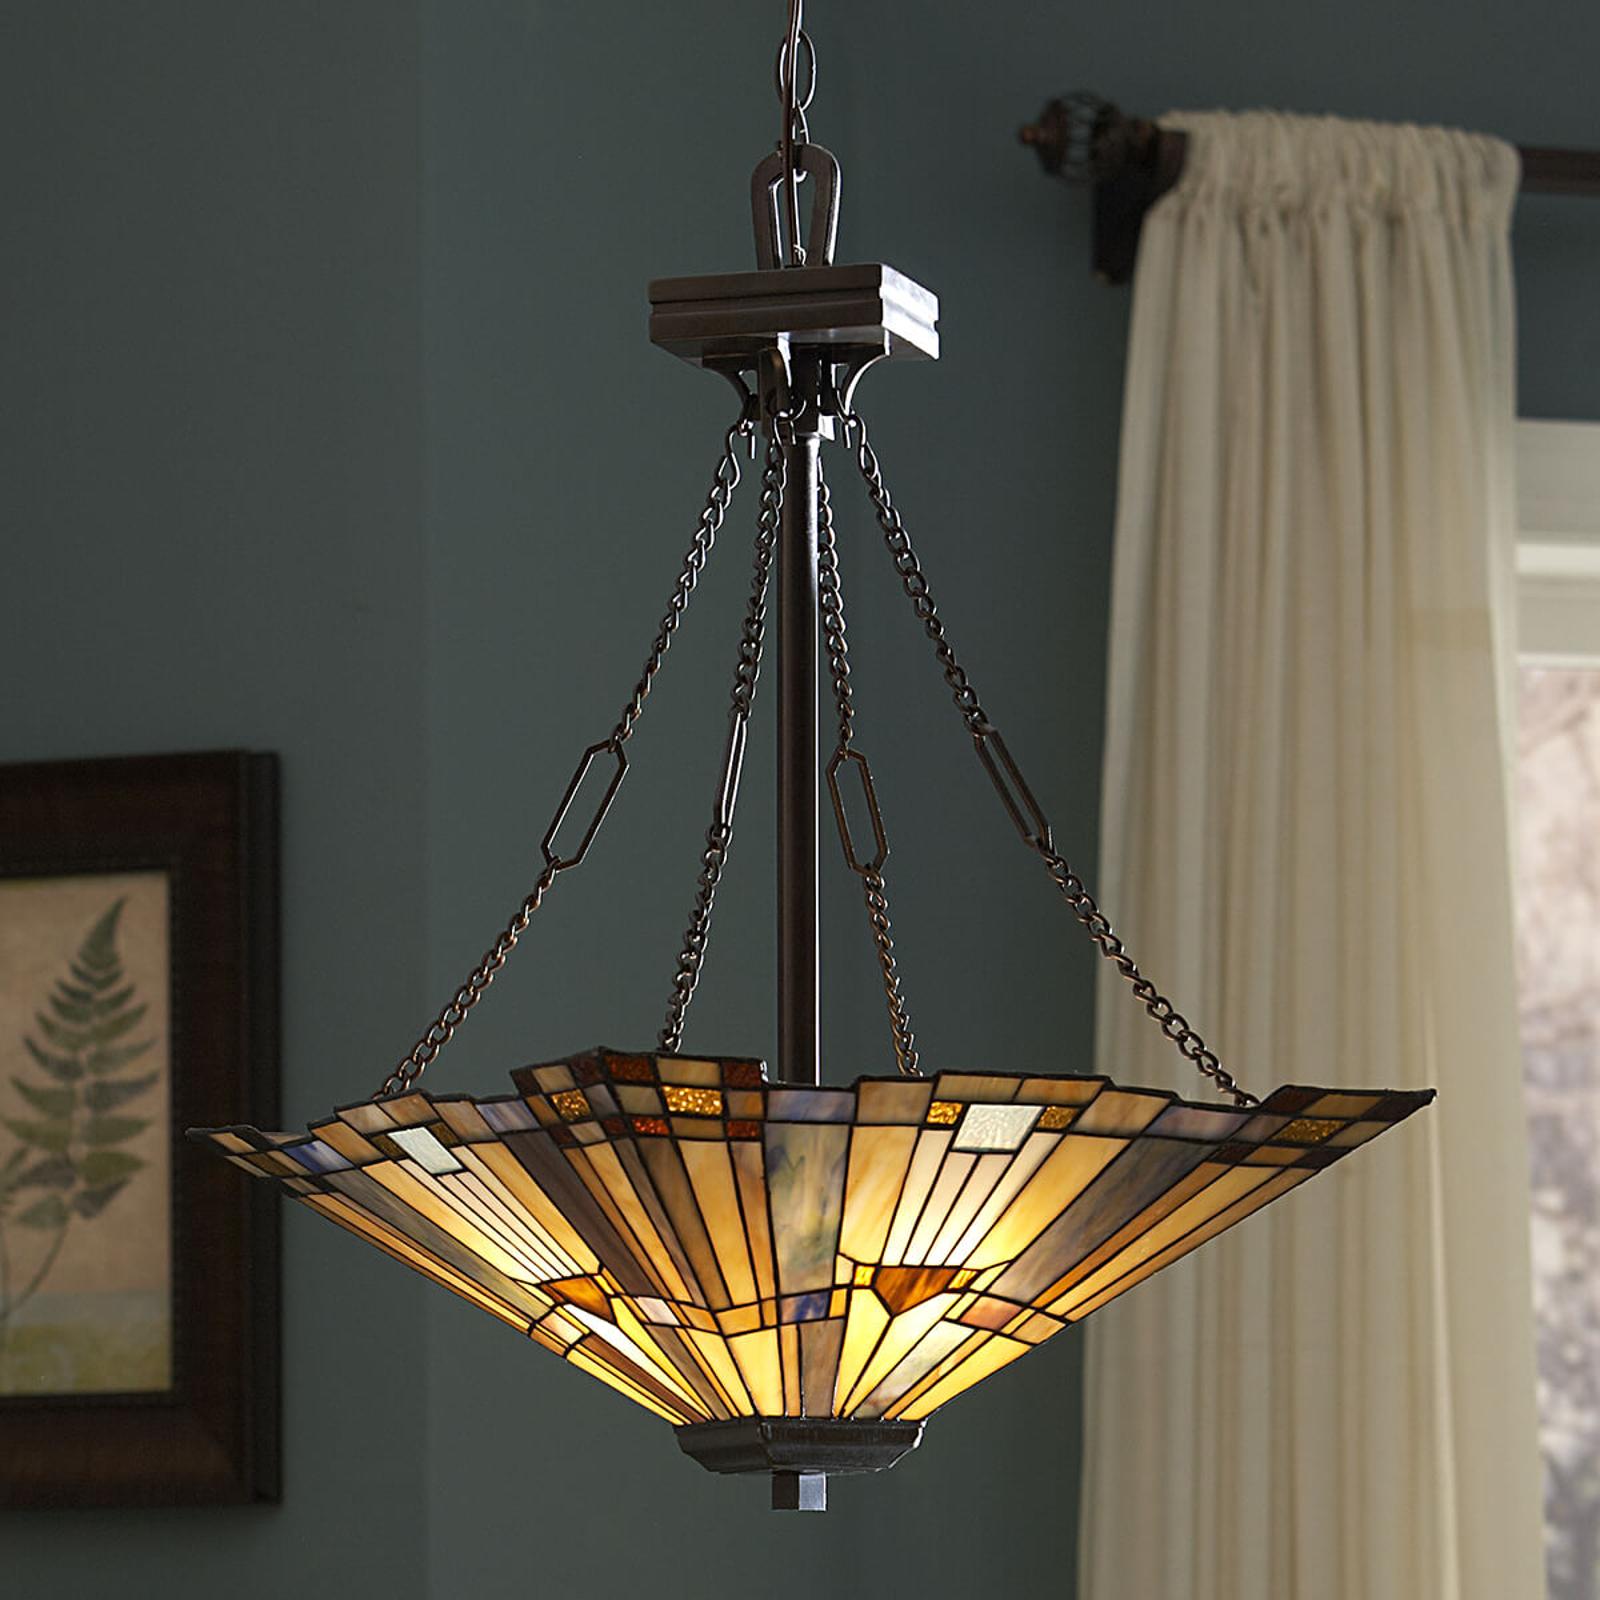 Závěsné světlo Inglenook s barevným sklem L 45 cm